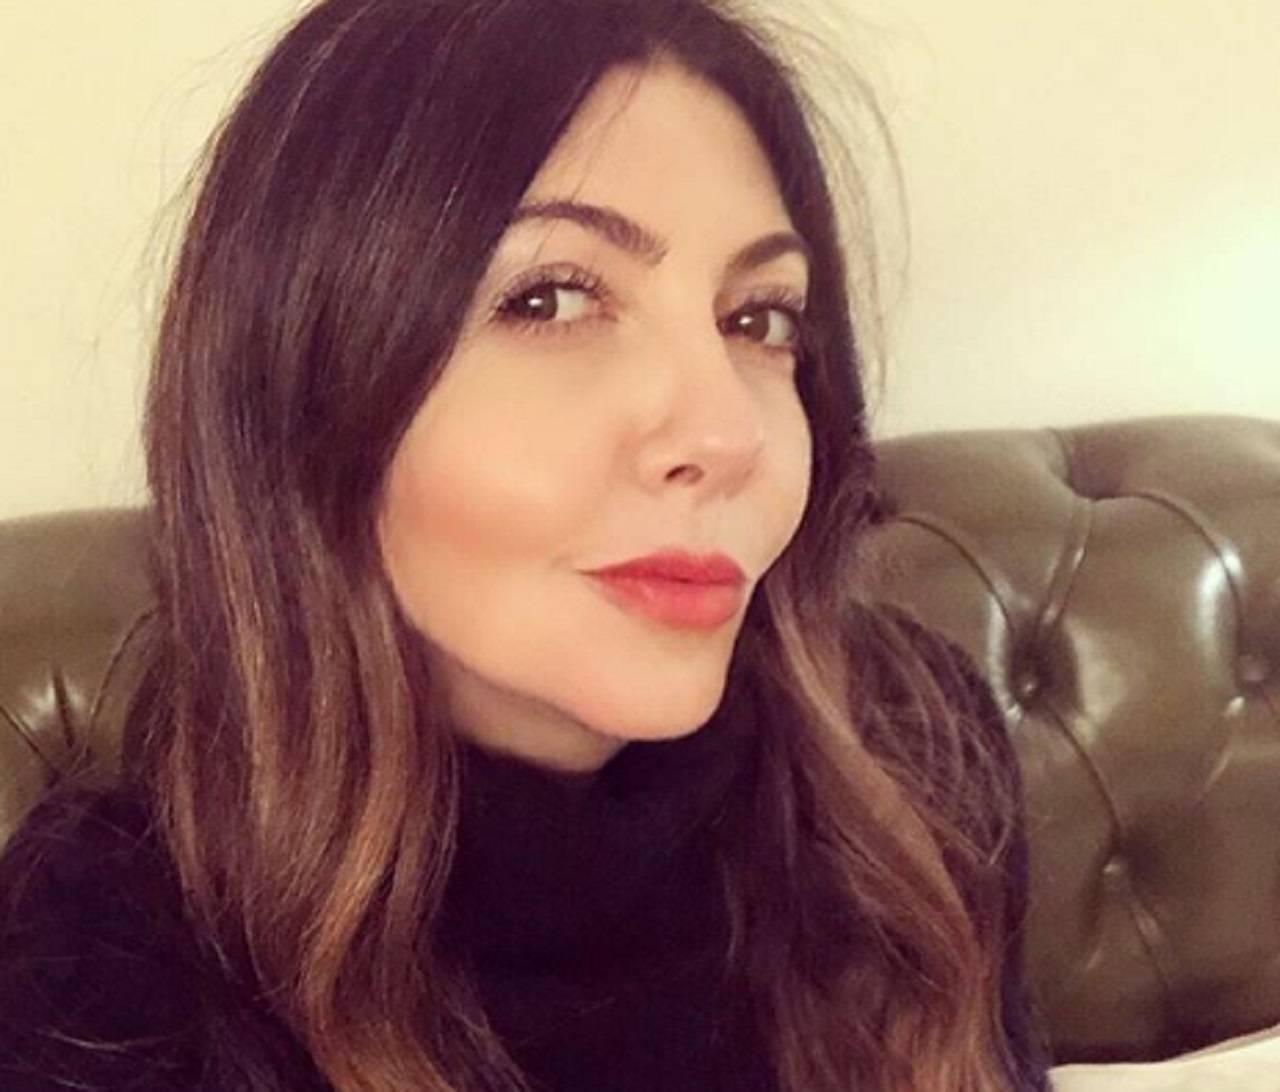 Clarissa D'Avena